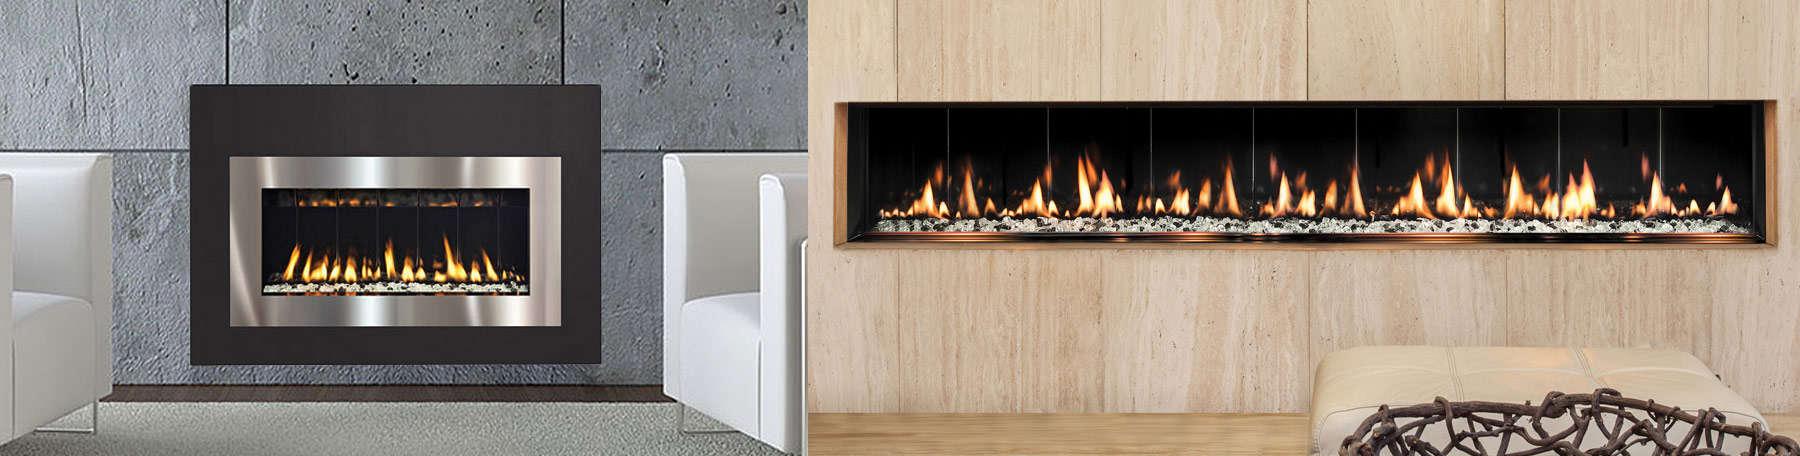 Solas Contemporary Fireplaces